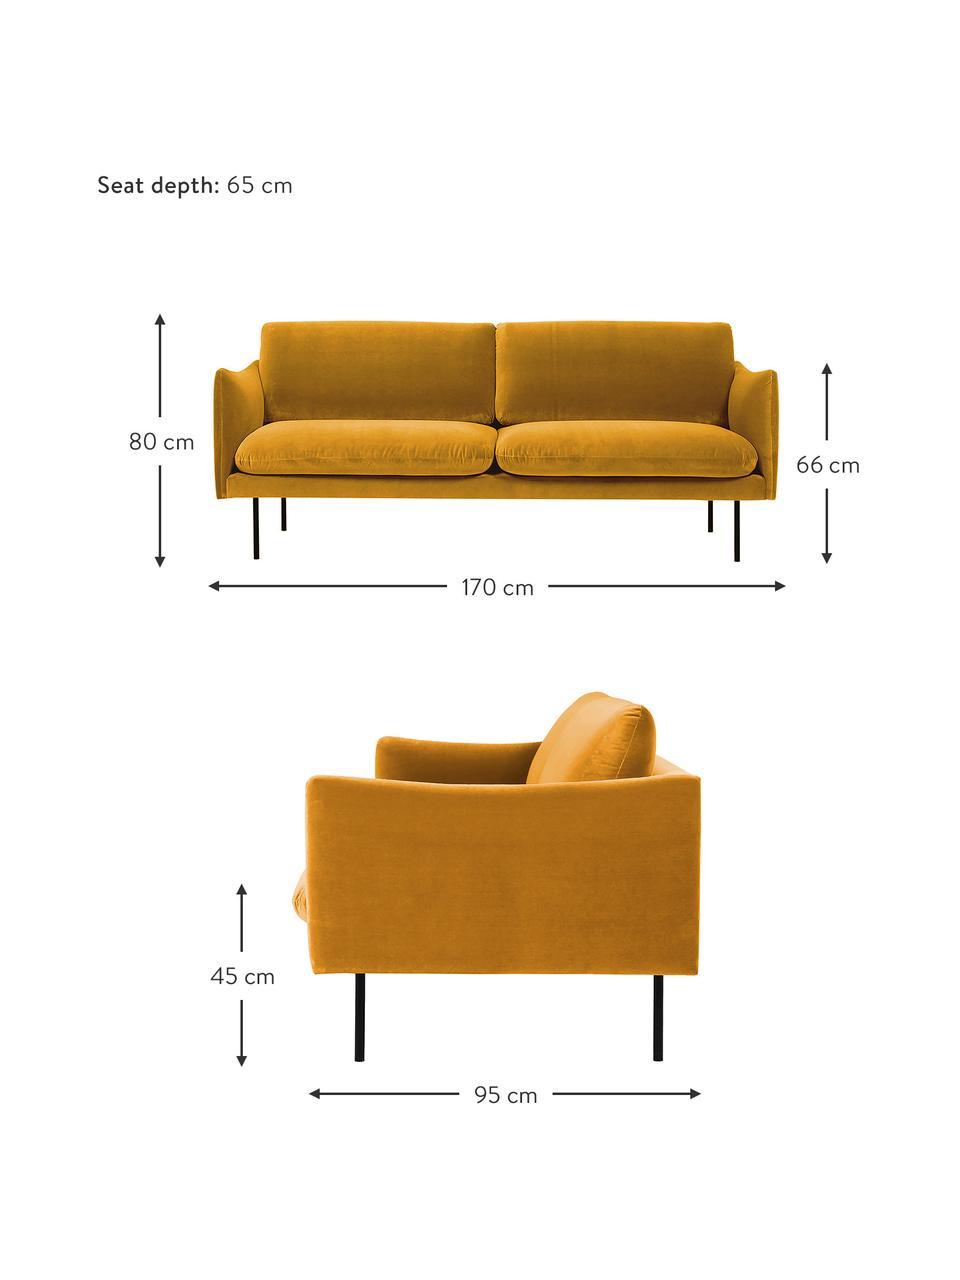 Samt-Sofa Moby (2-Sitzer) in Senfgelb mit Metall-Füßen, Bezug: Samt (Hochwertiger Polyes, Gestell: Massives Kiefernholz, Füße: Metall, pulverbeschichtet, Samt Senfgelb, B 170 x T 95 cm